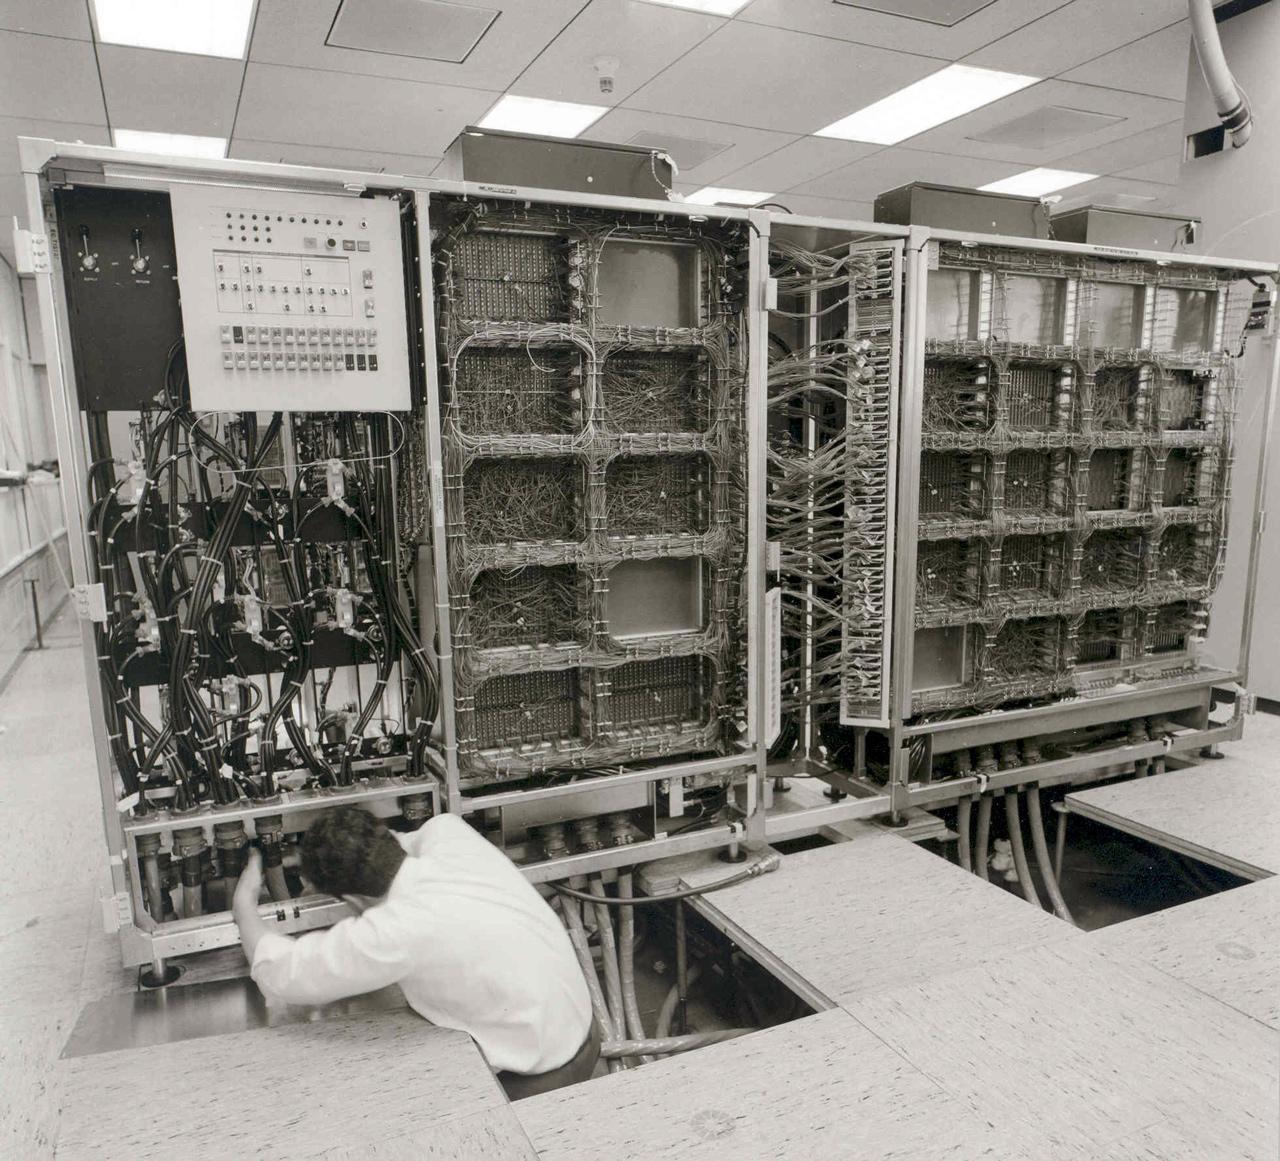 Az IBM 370 / 165 nagyszámítógép összeszerelése a Bosch feuerbachi (Németországi Szövetségi Köztársaság) telephelyén, 1971